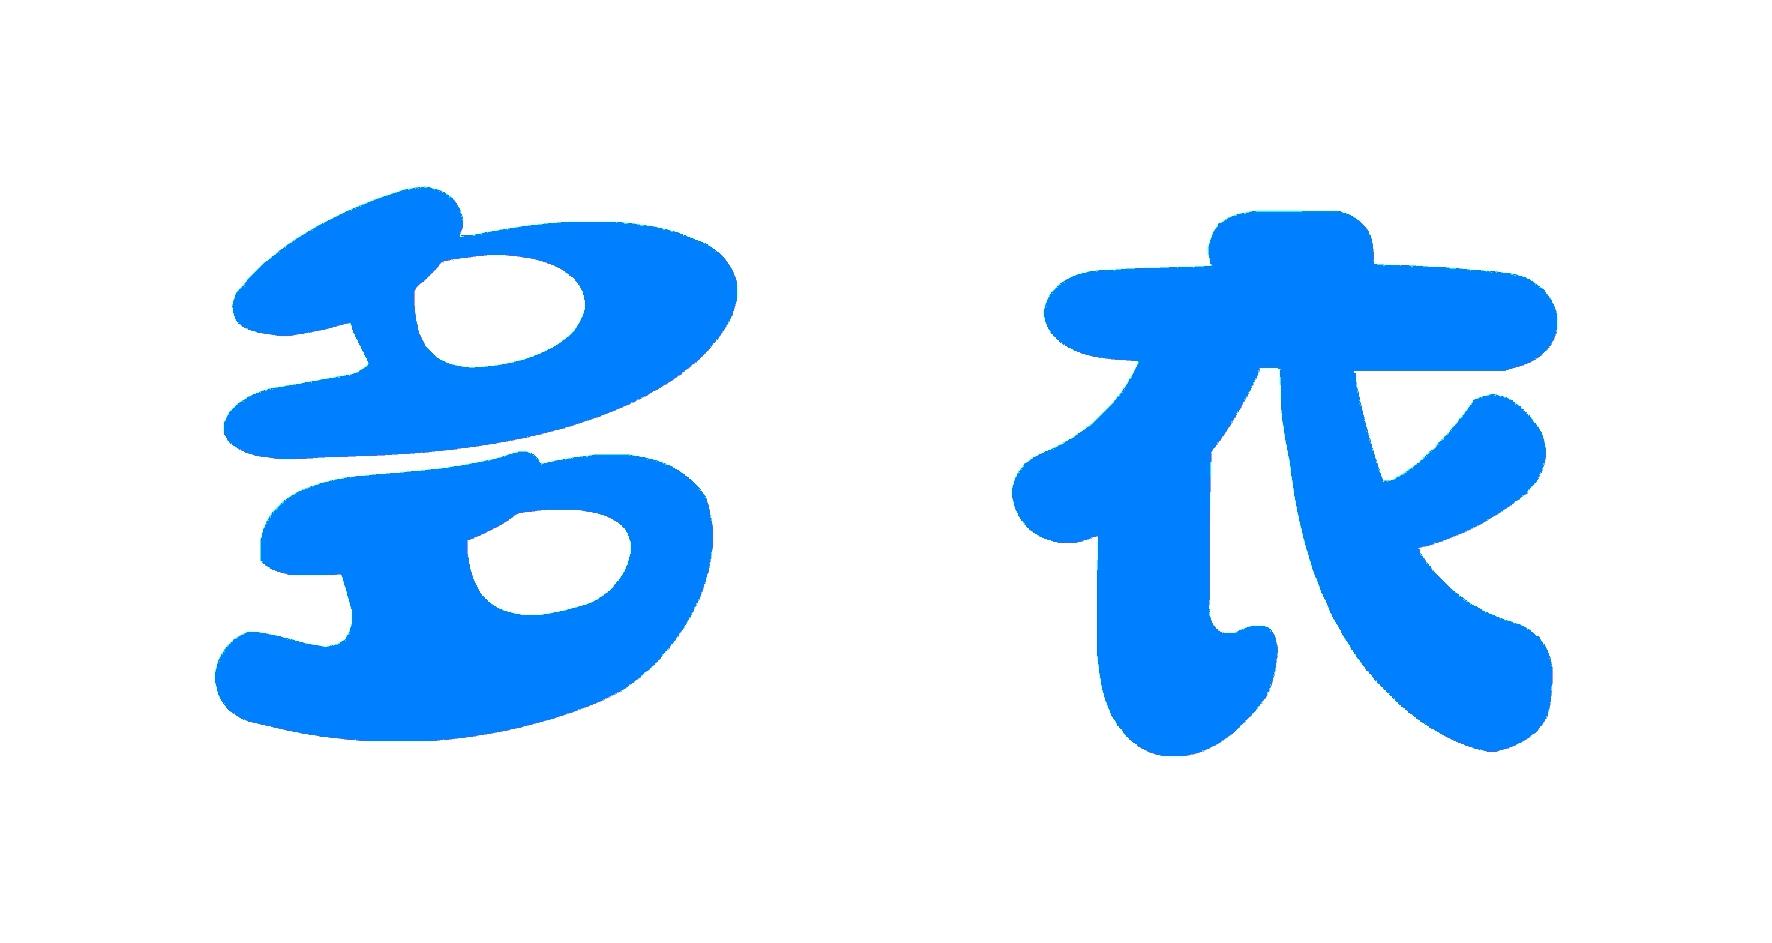 圆圆的很可爱的是什么中文字体